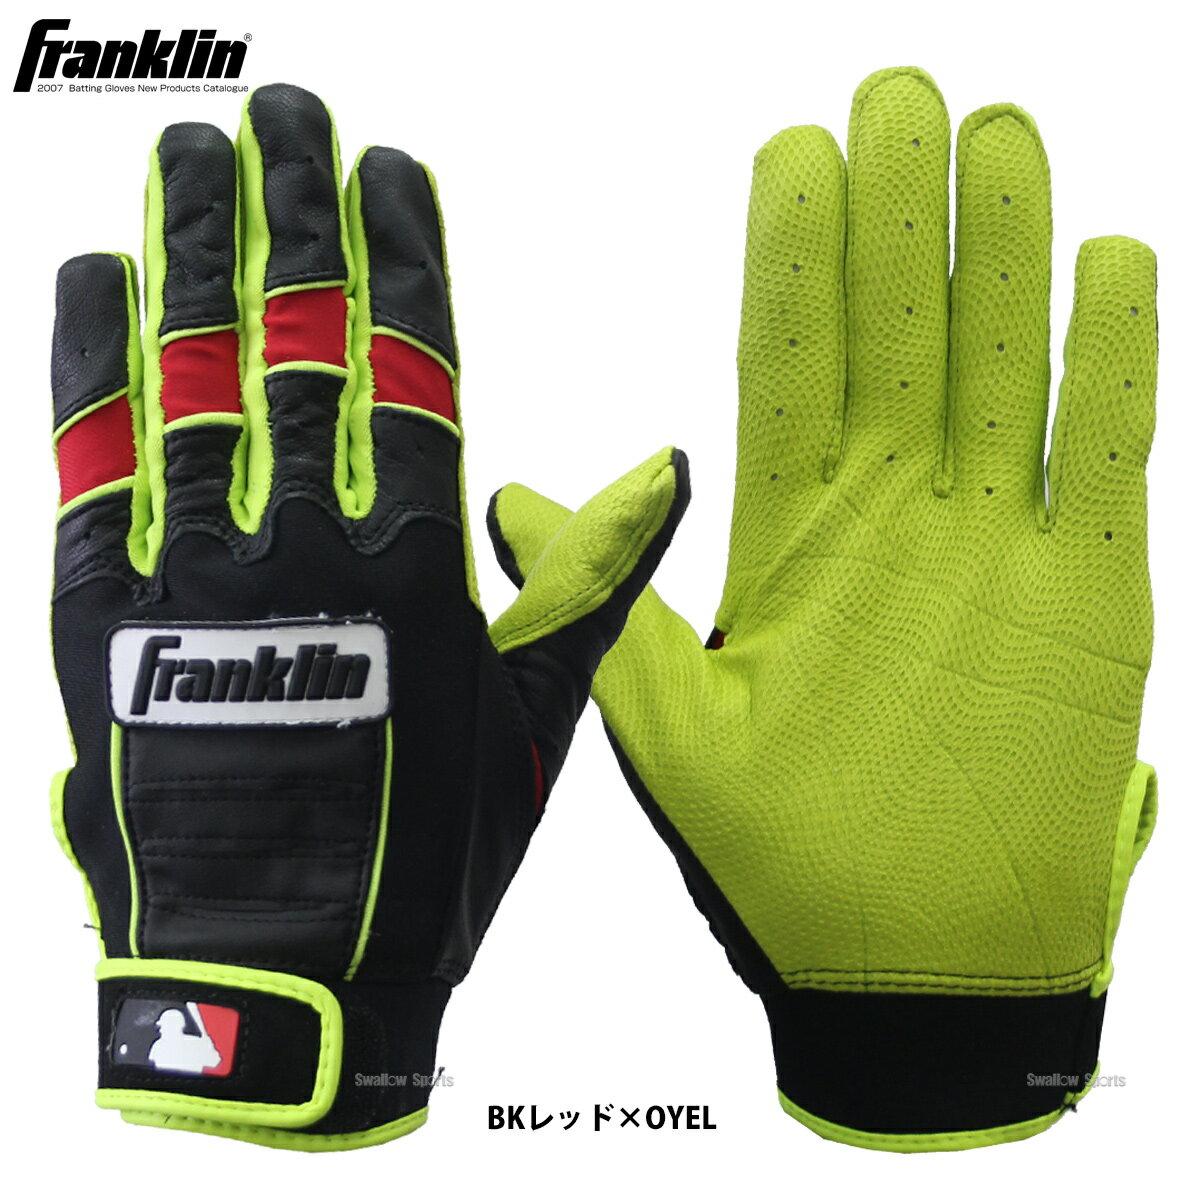 フランクリン バッティンググローブ CFXモデル 両手用 20685 手袋 バッティンググローブ 手袋 野球用品 スワロースポーツ